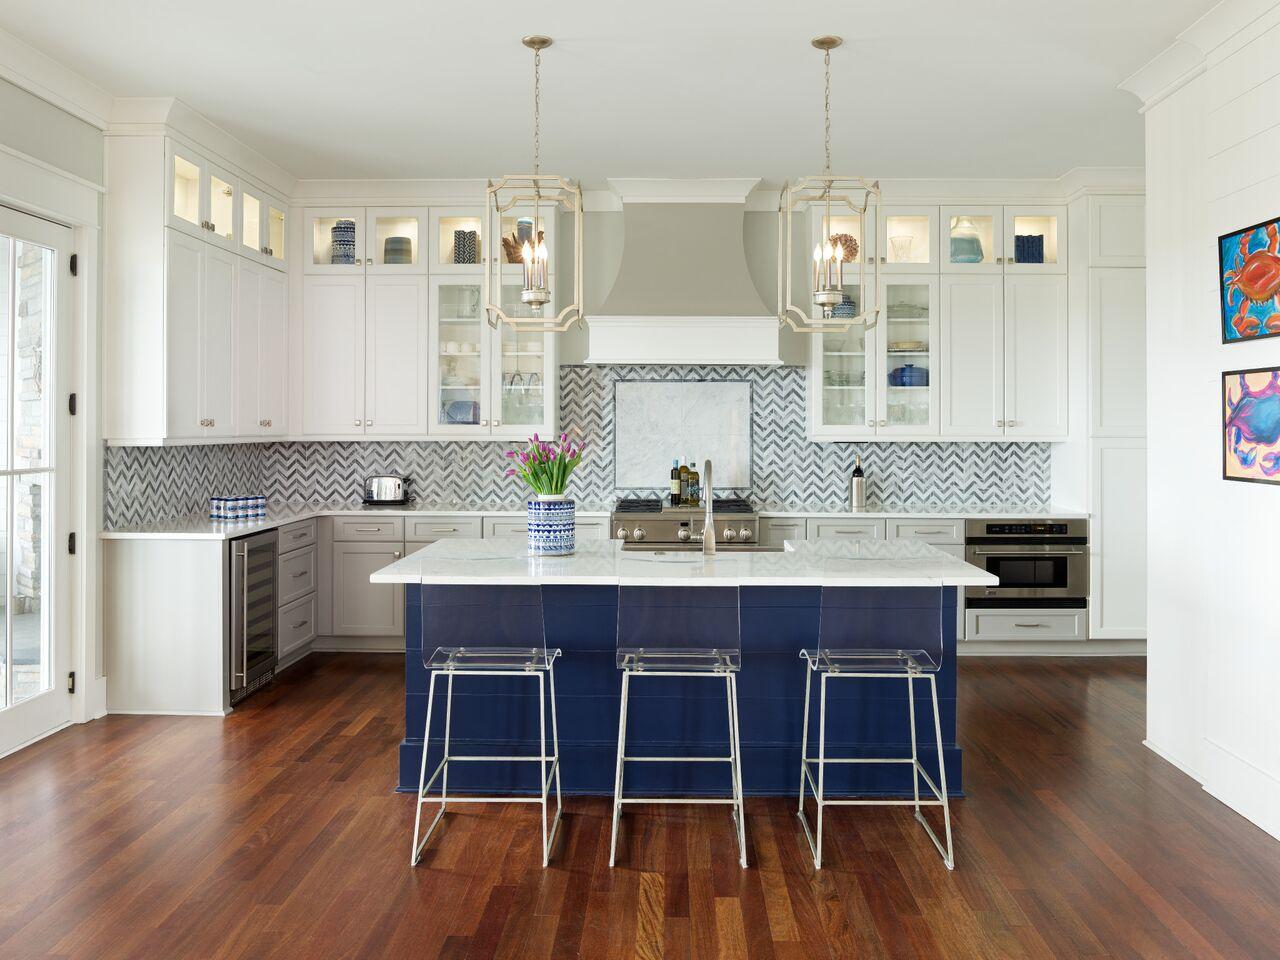 Posnanski kitchen straight on.jpeg